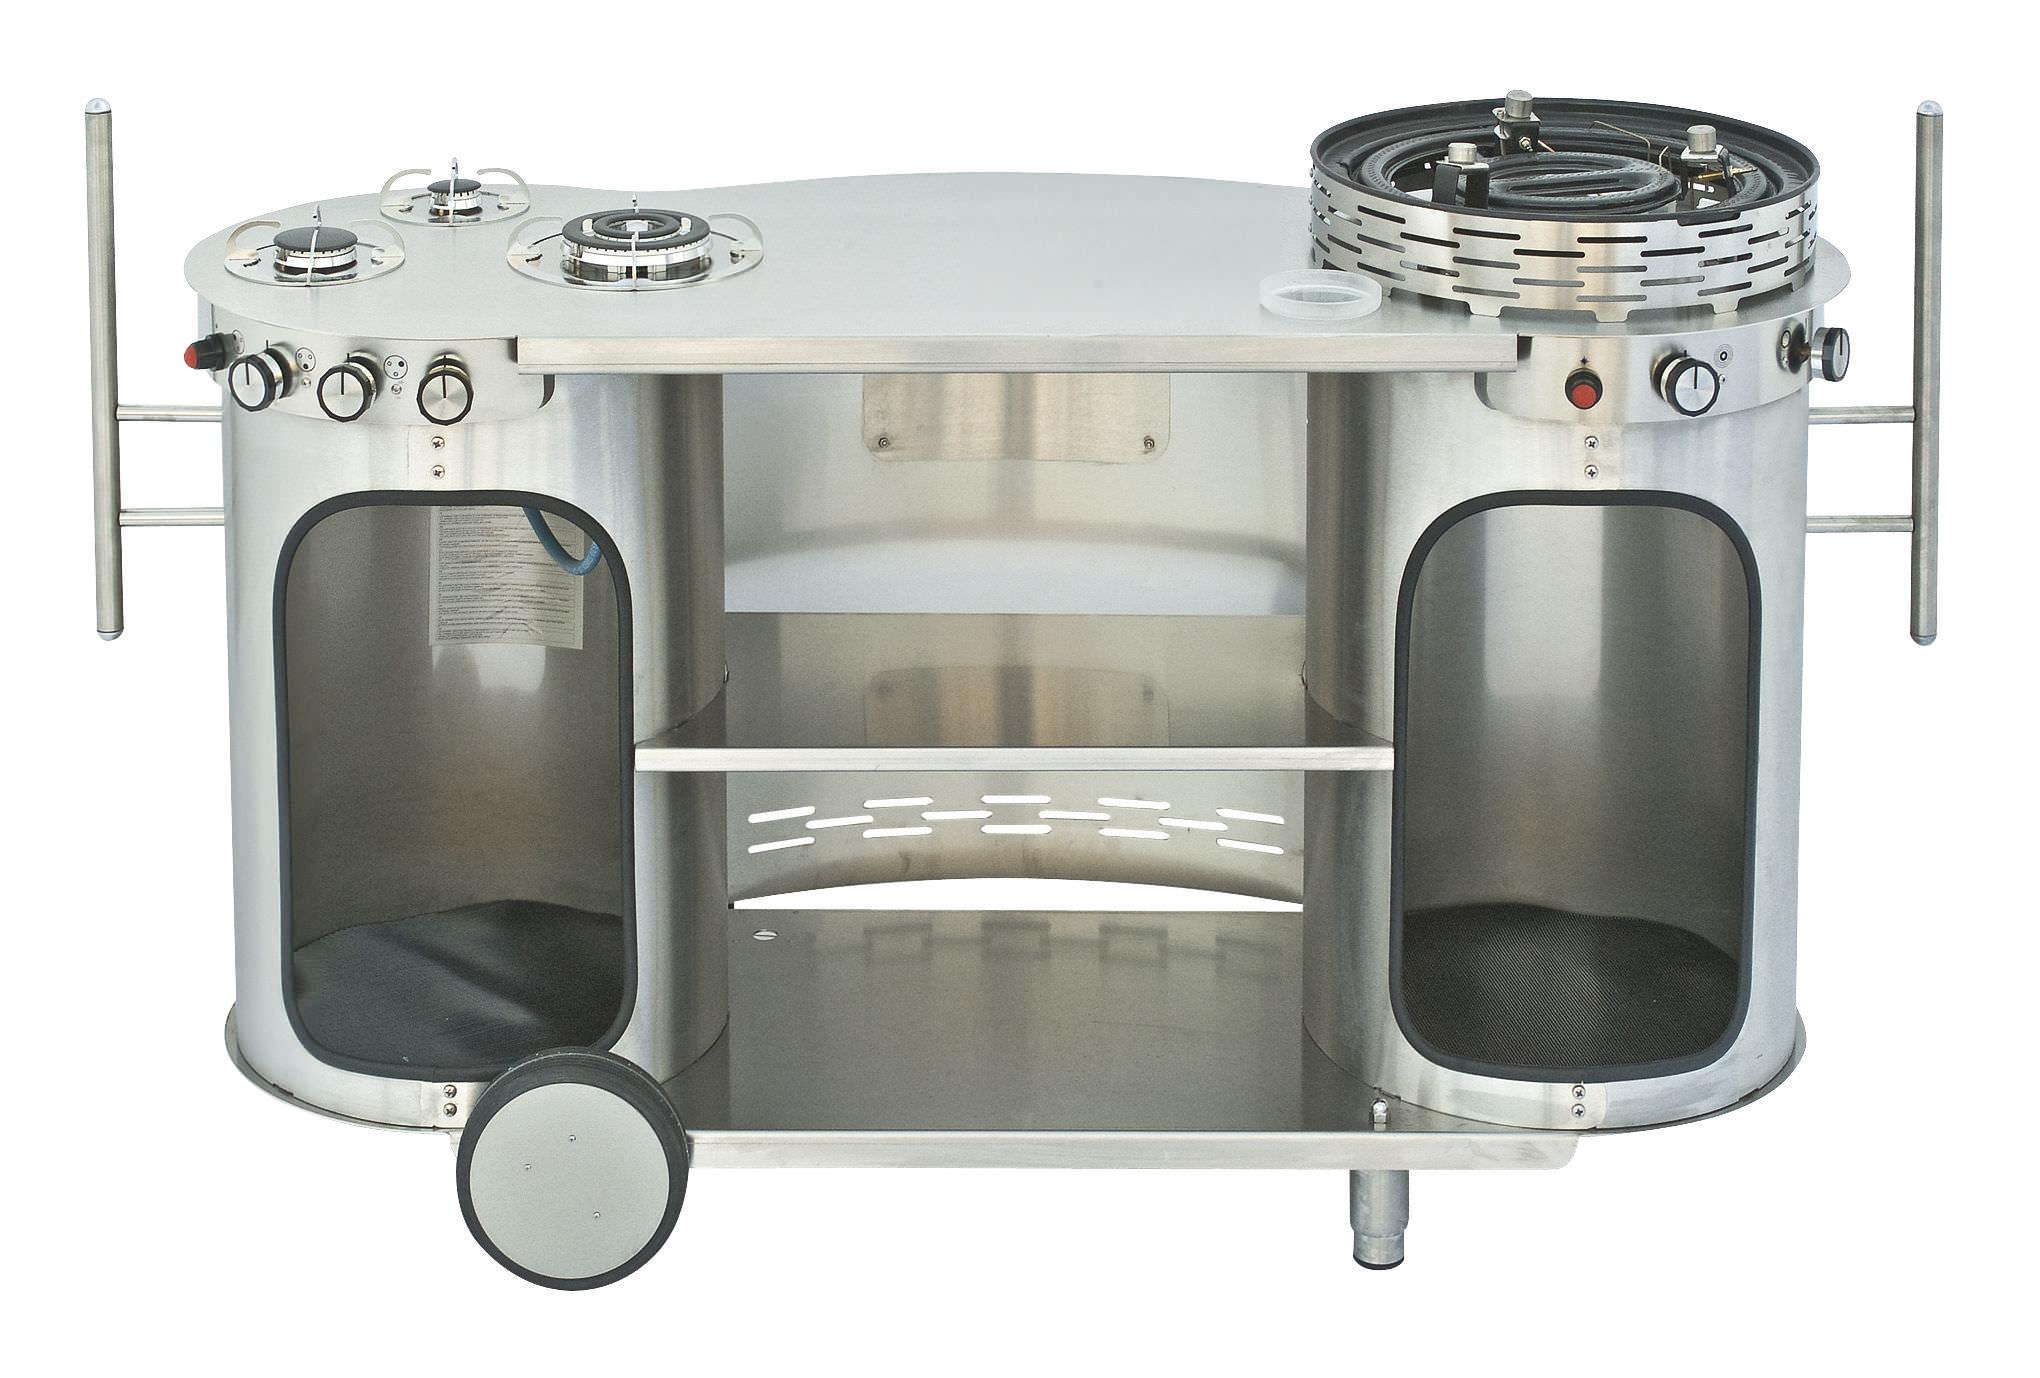 Mobili Cucina Professionale Acciaio.Cucina Professionale In Acciaio Inox Modulare Mobile